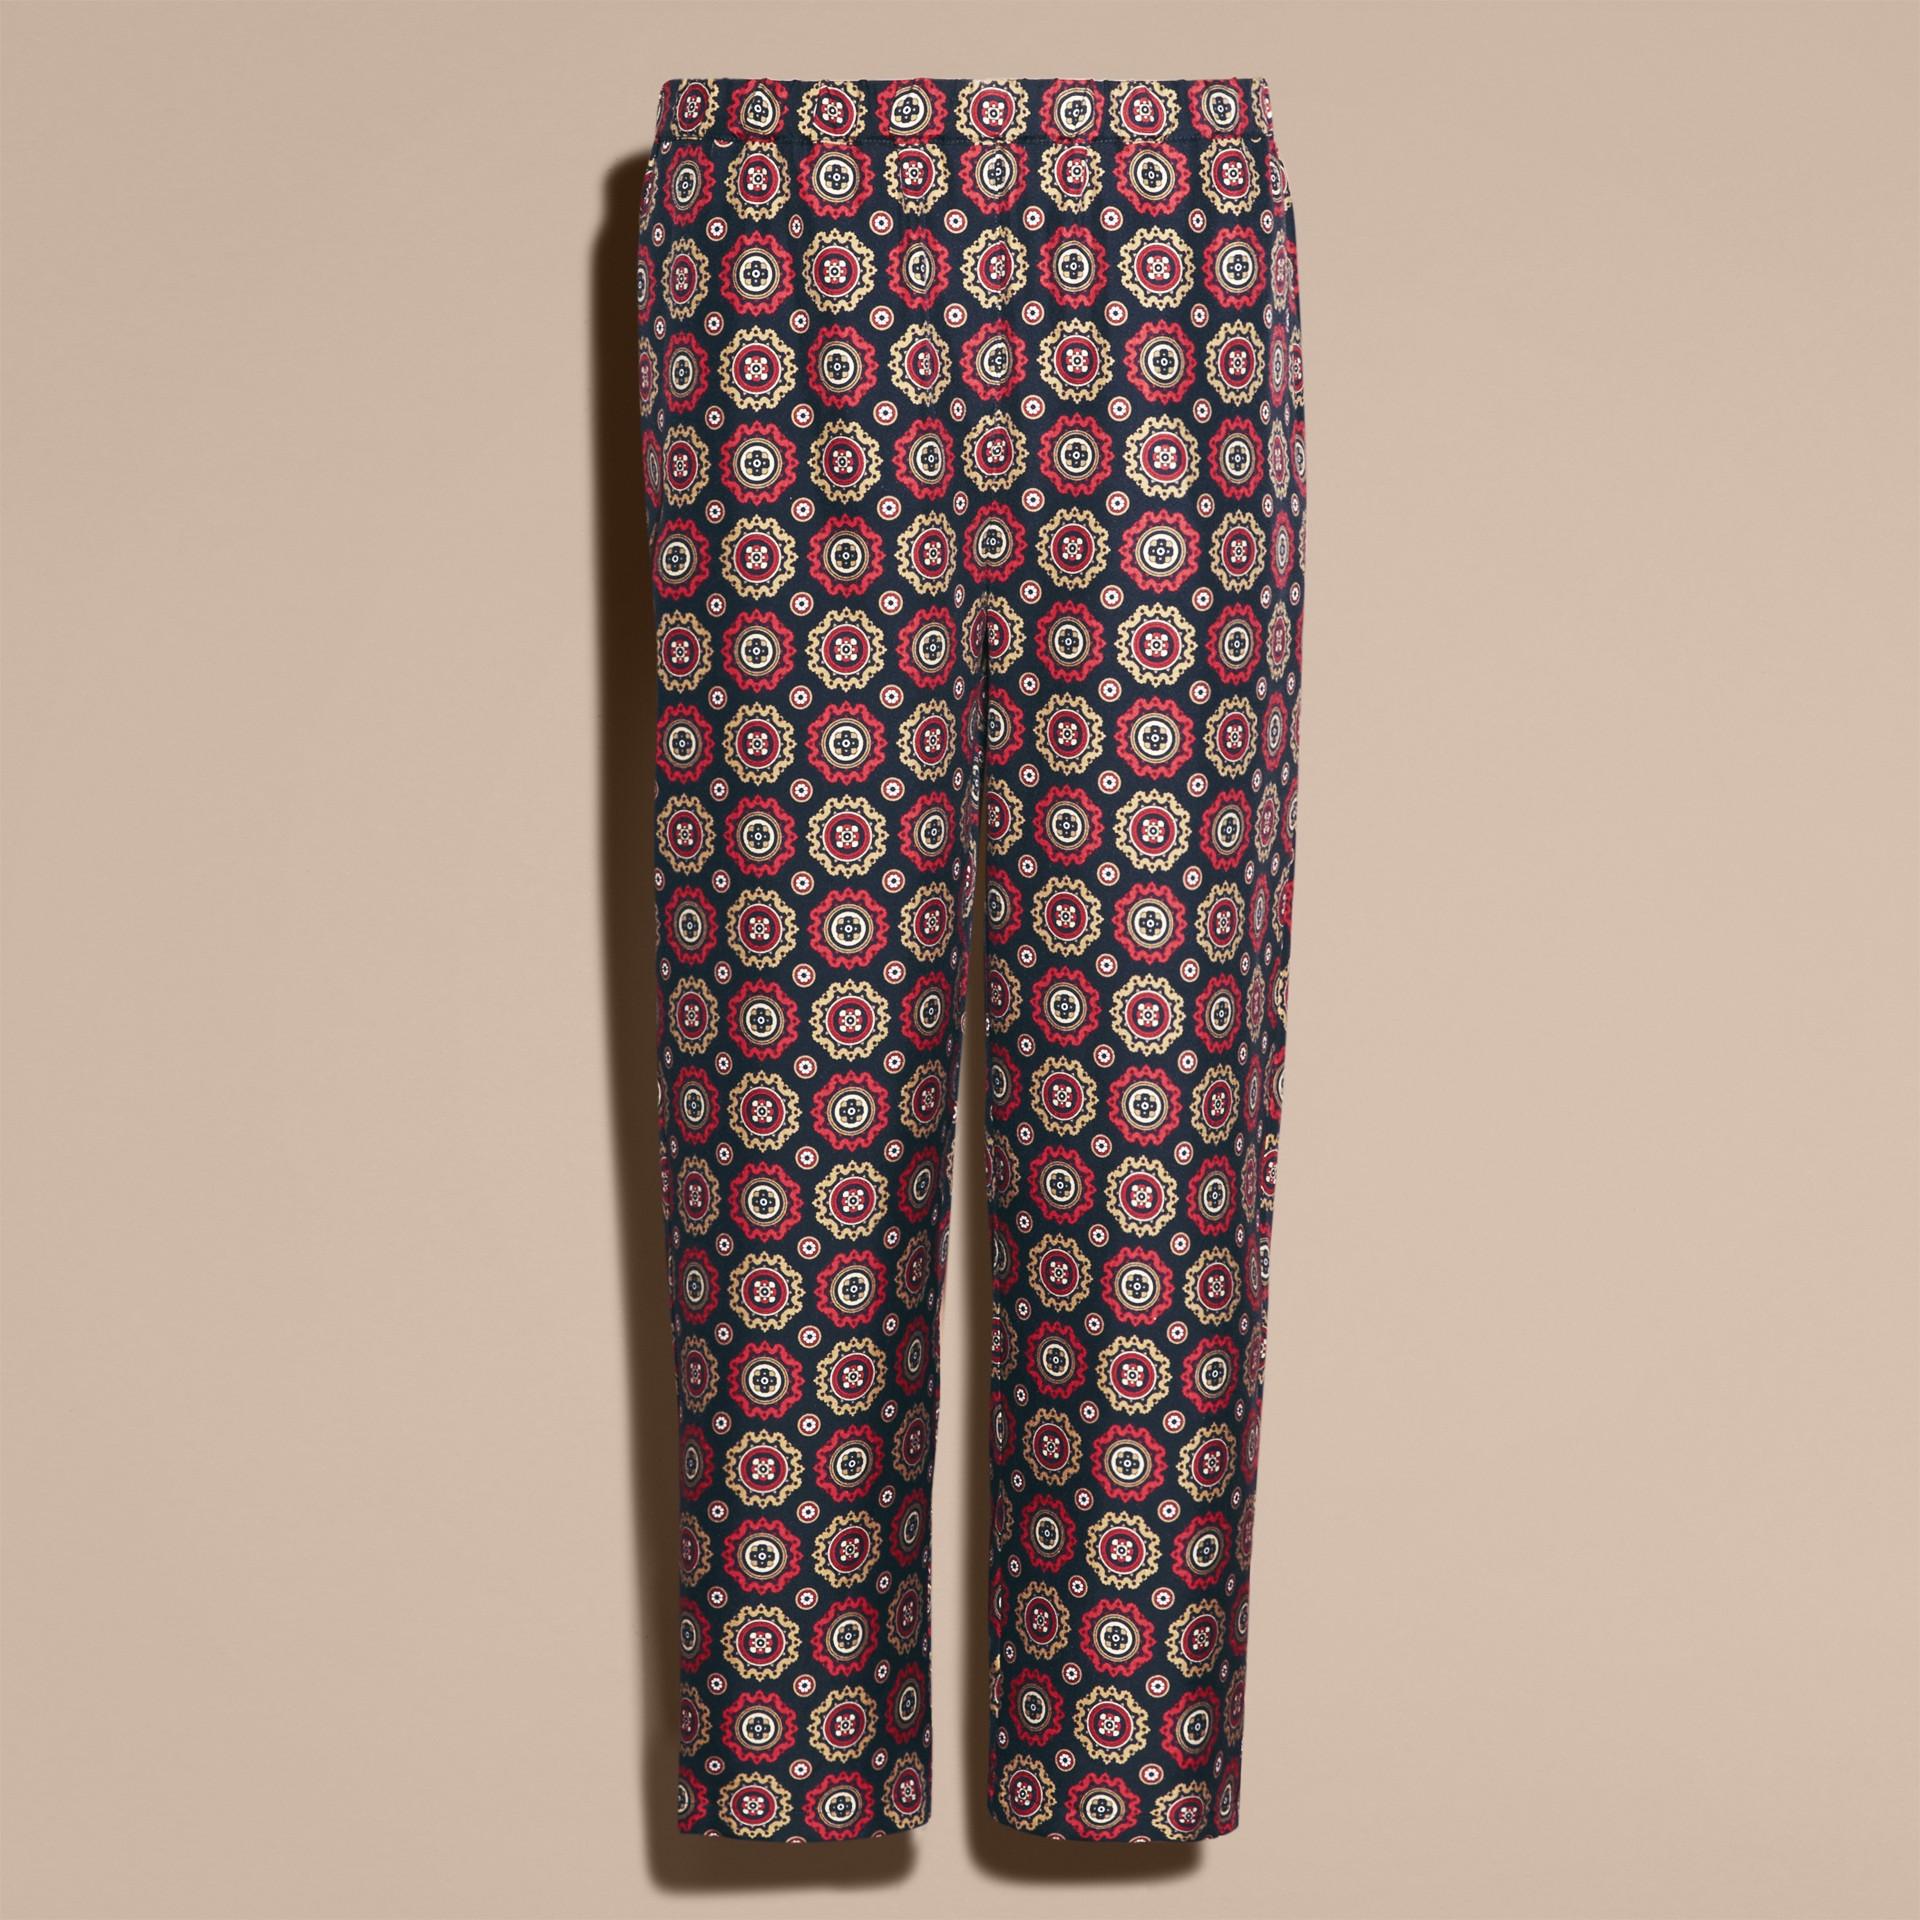 Azul marinho Calças estilo pijama curtas de sarja de seda estampadas - galeria de imagens 4